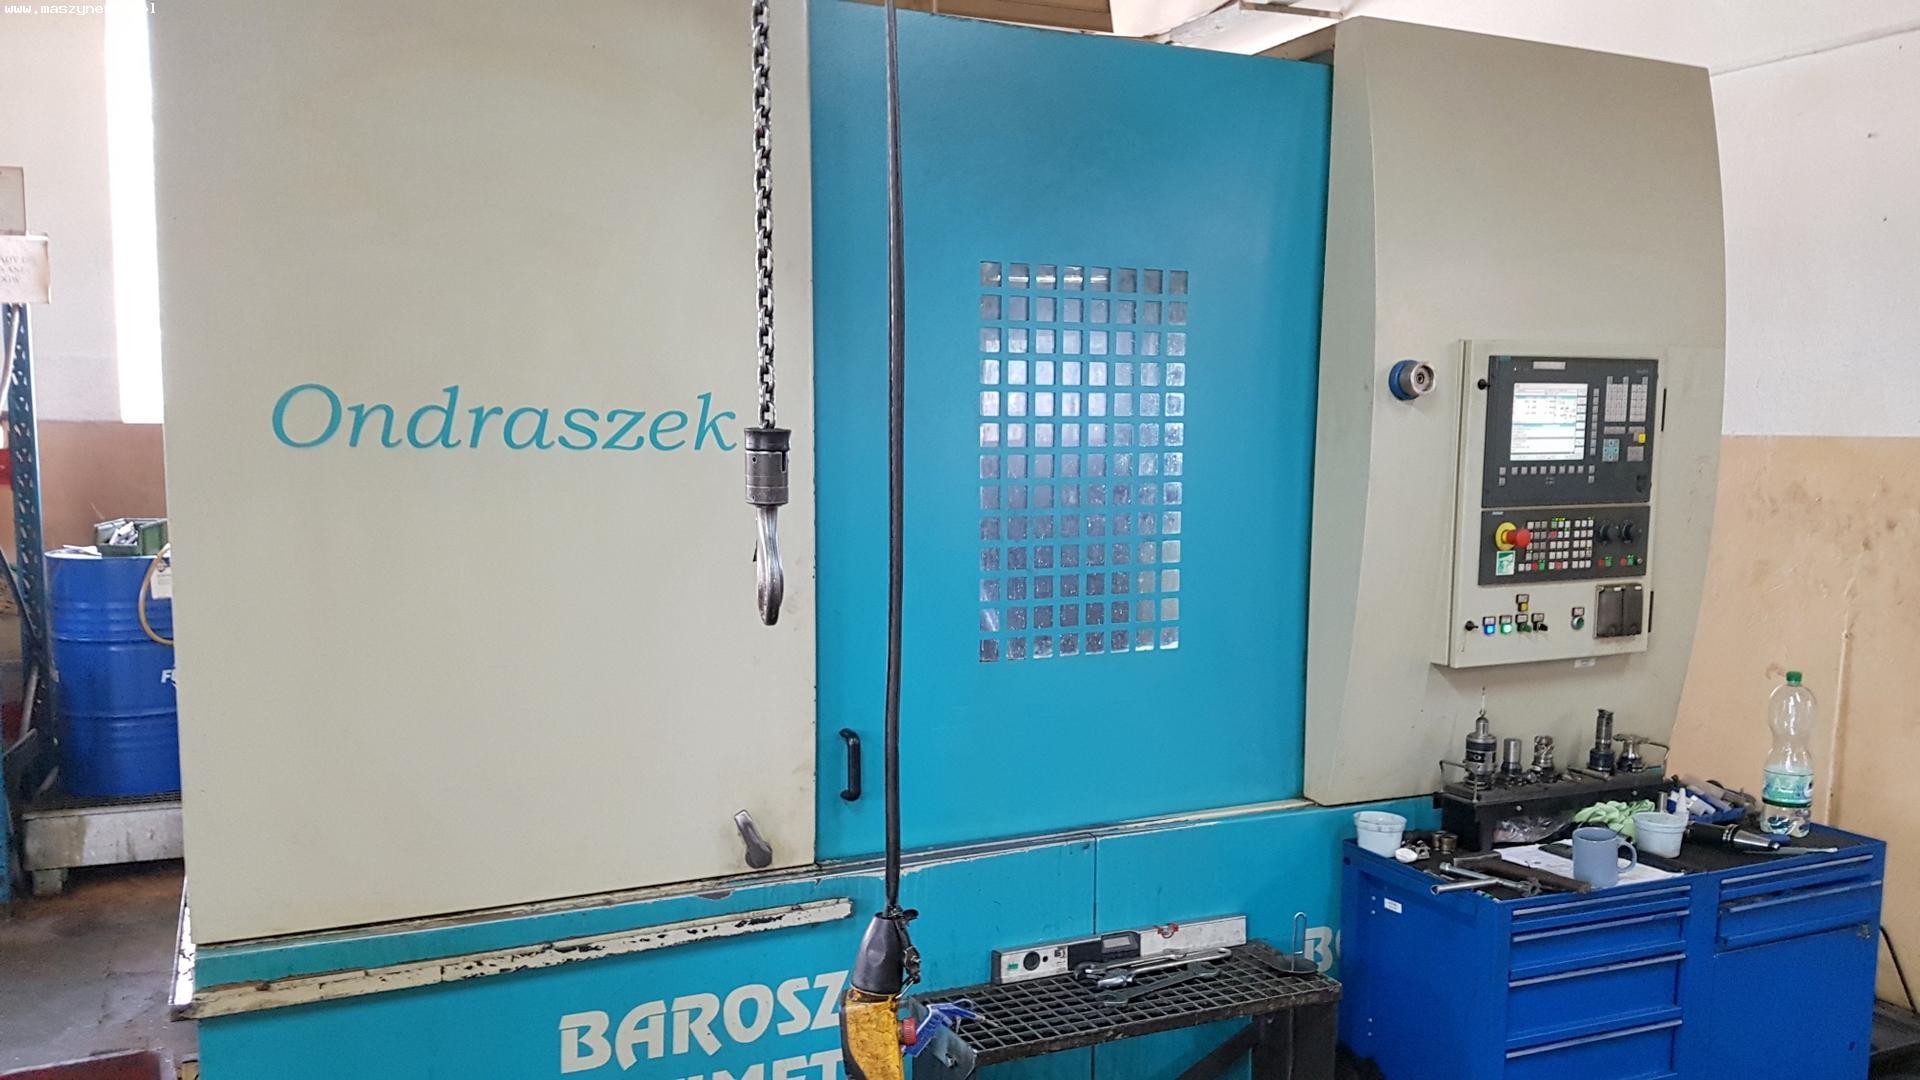 Centro di fresatura verticale BAROSZ GWIMET ONDRASZEK in vendita - foto 1